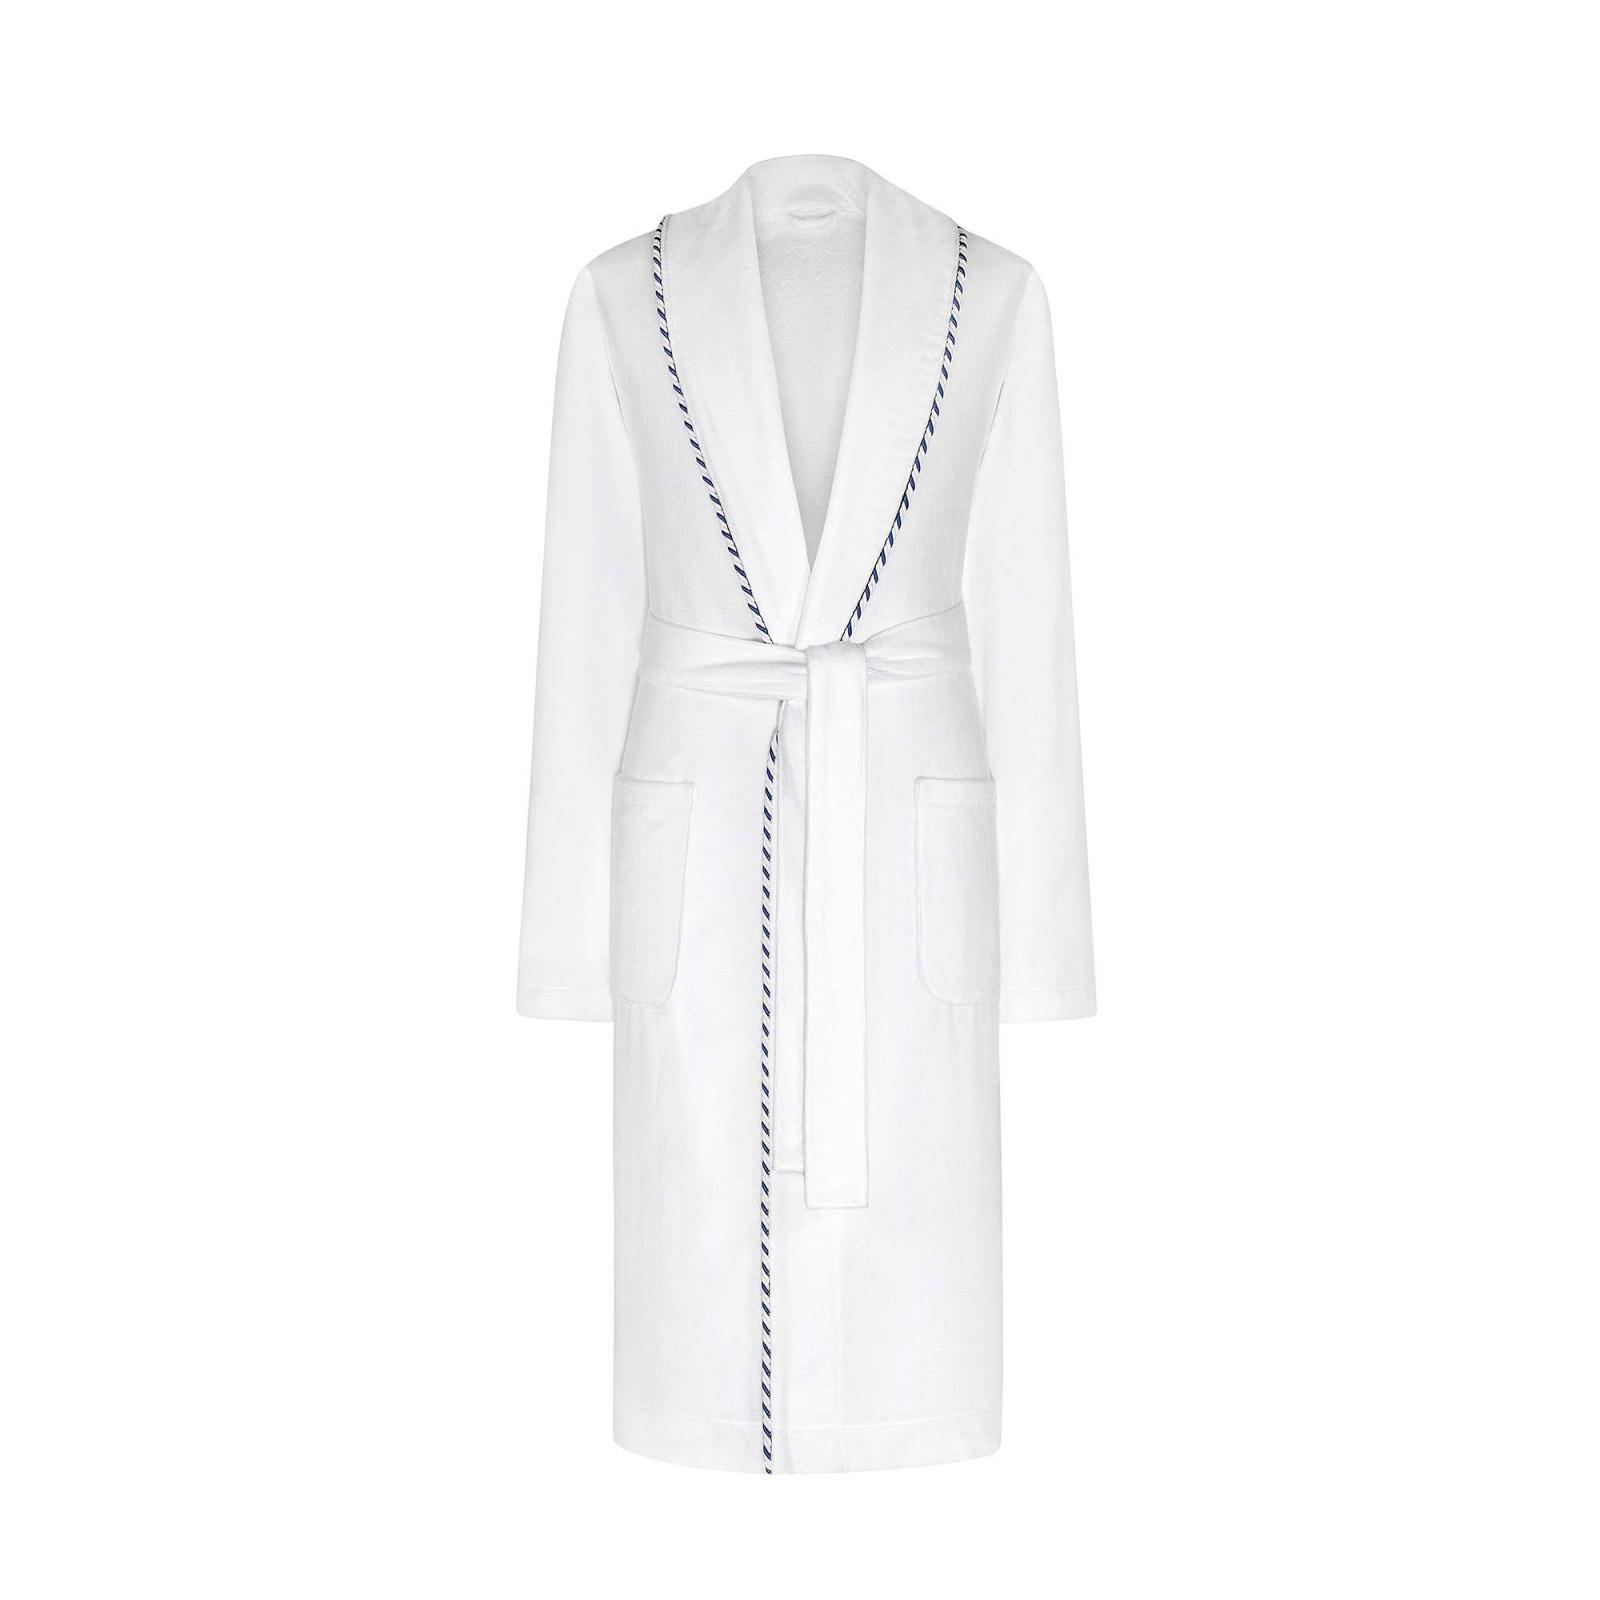 Сауны, бани и оборудование Togas Халат Роберт Цвет: Белый (xxL) togas халат мужской конолли